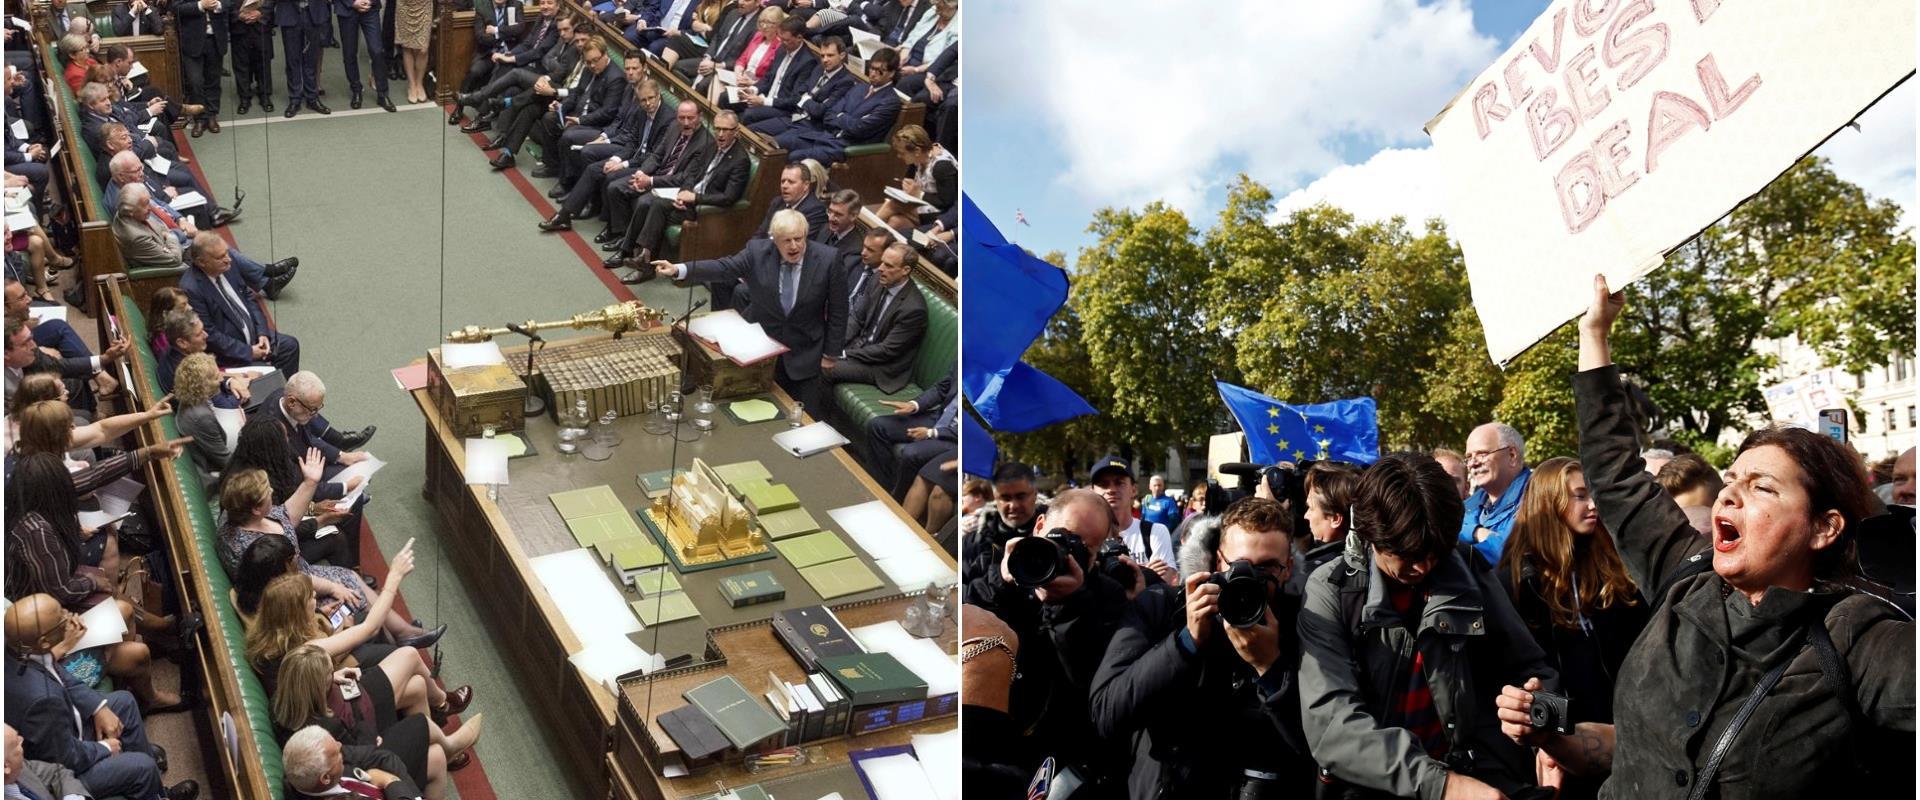 הפרלמנט הבריטי והמחאה בלונדון